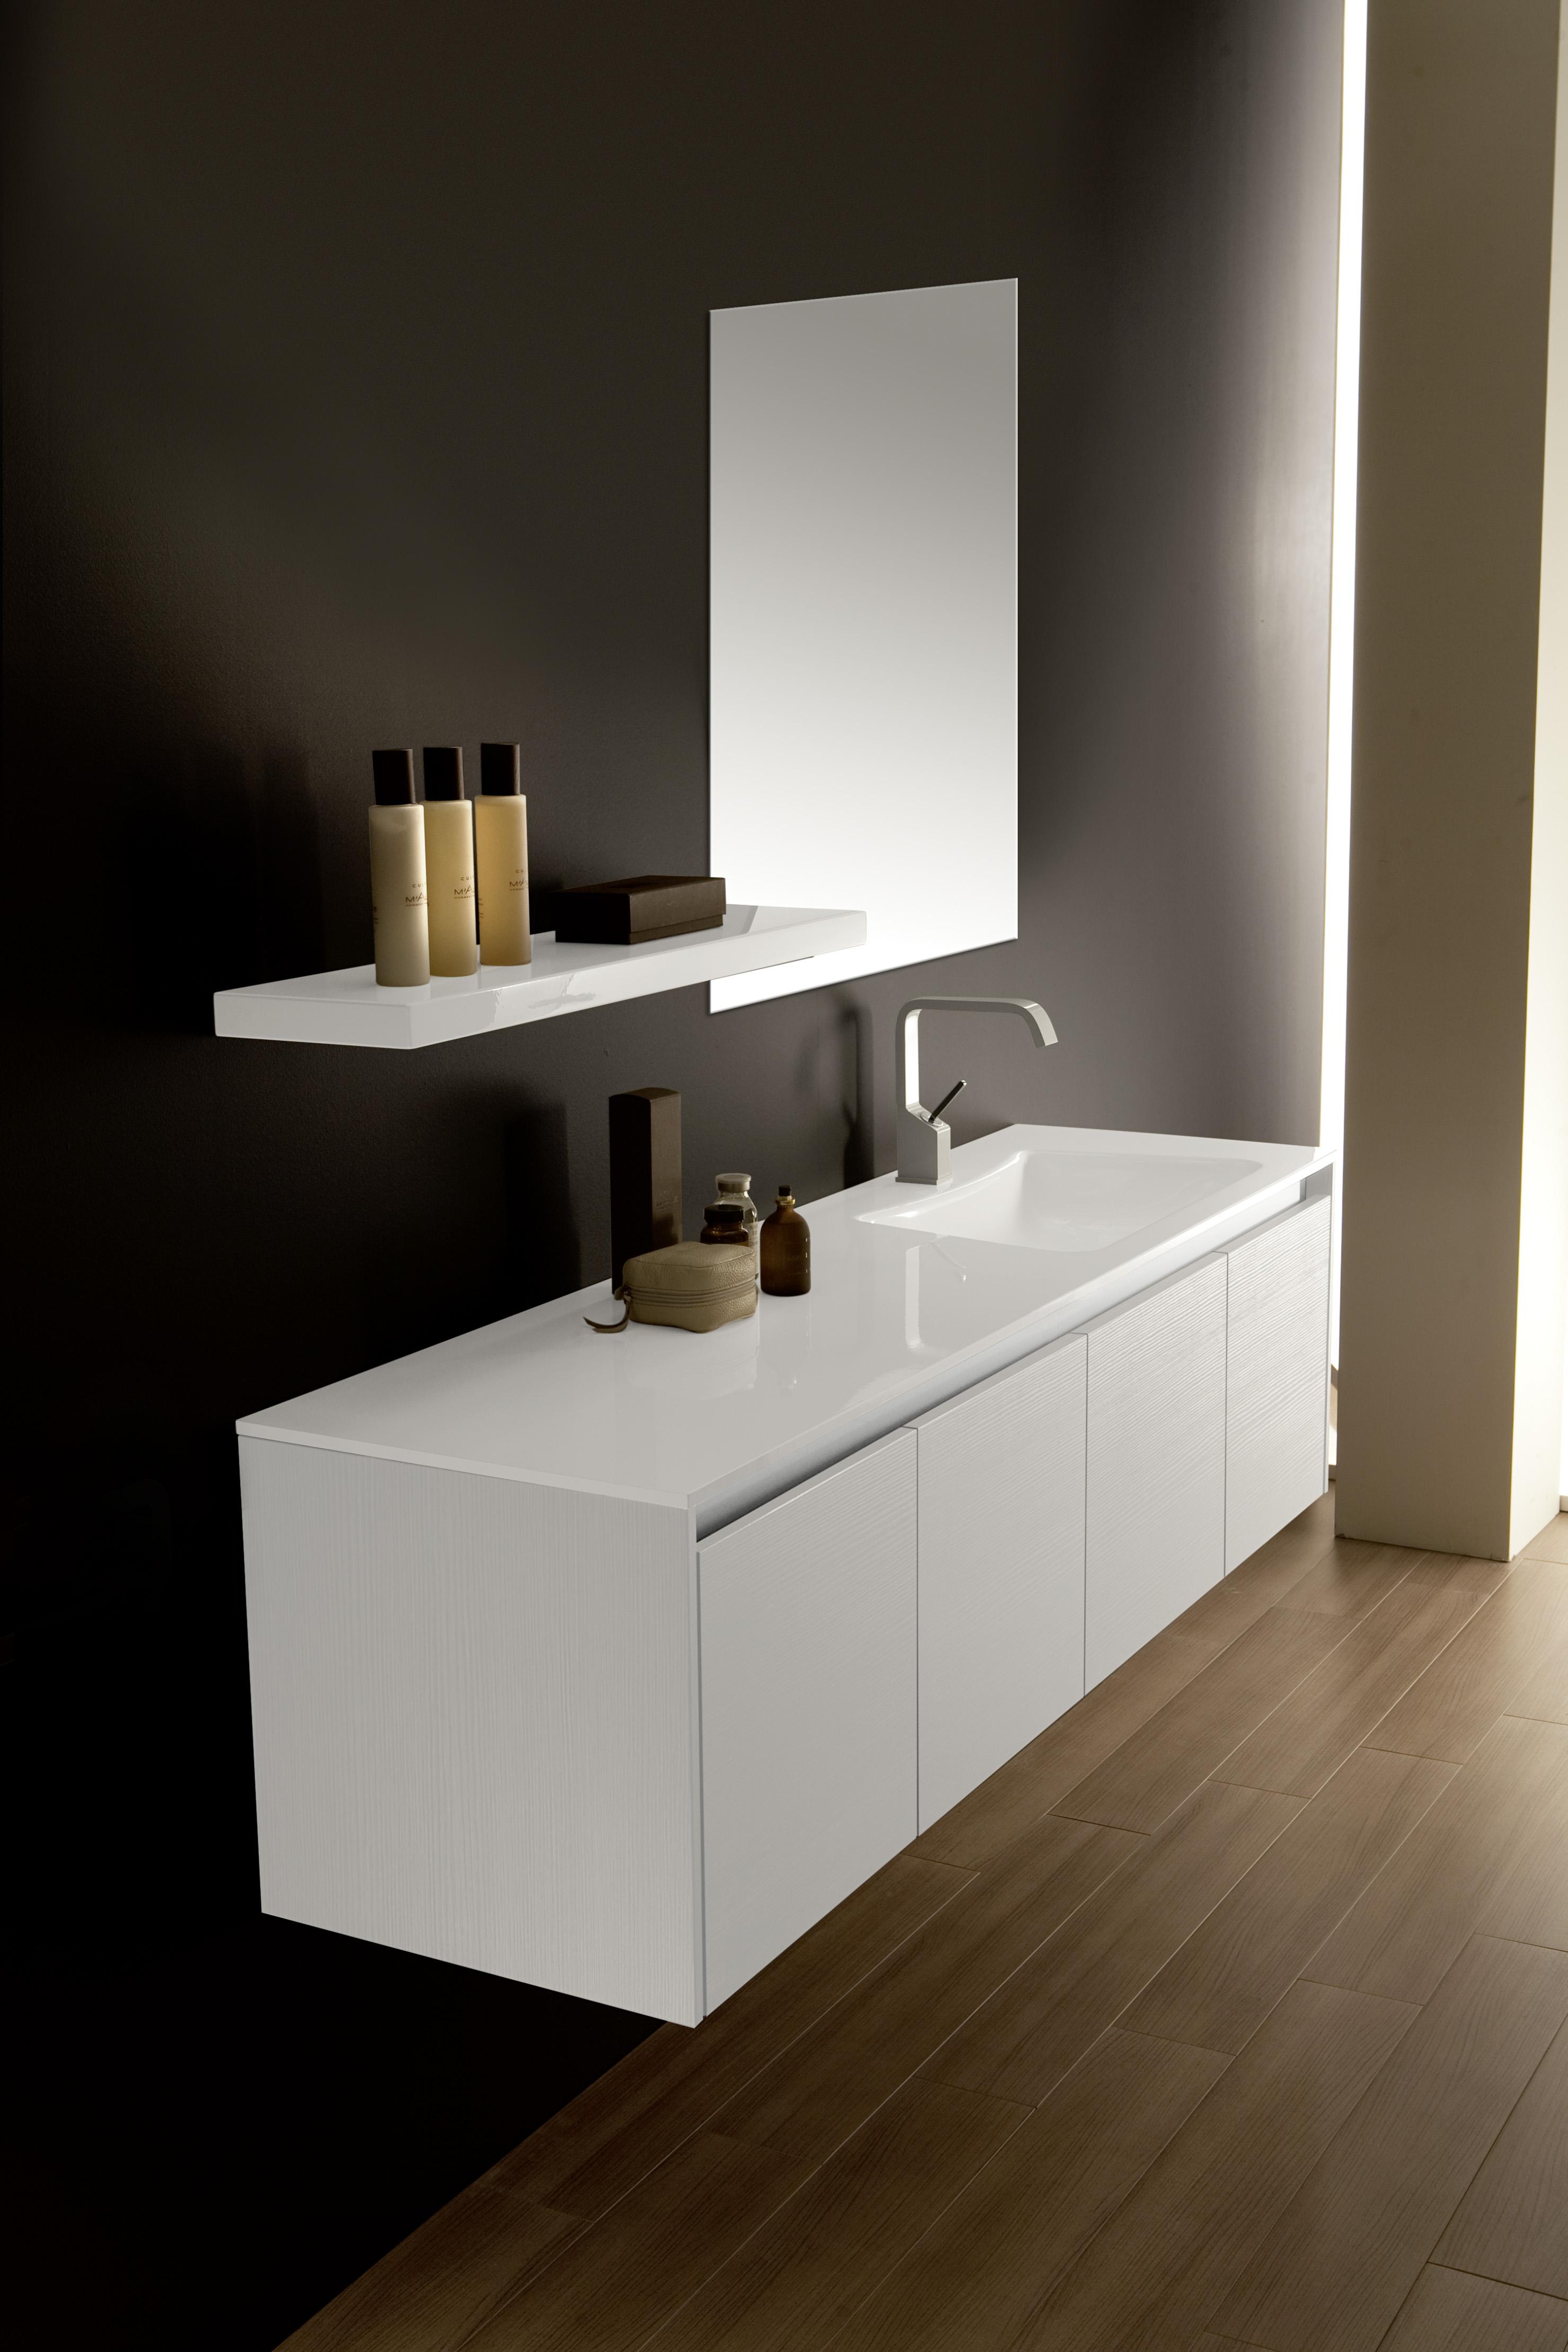 Mensole Bagno Design : Mensole bagno design. Mensole da bagno design ...